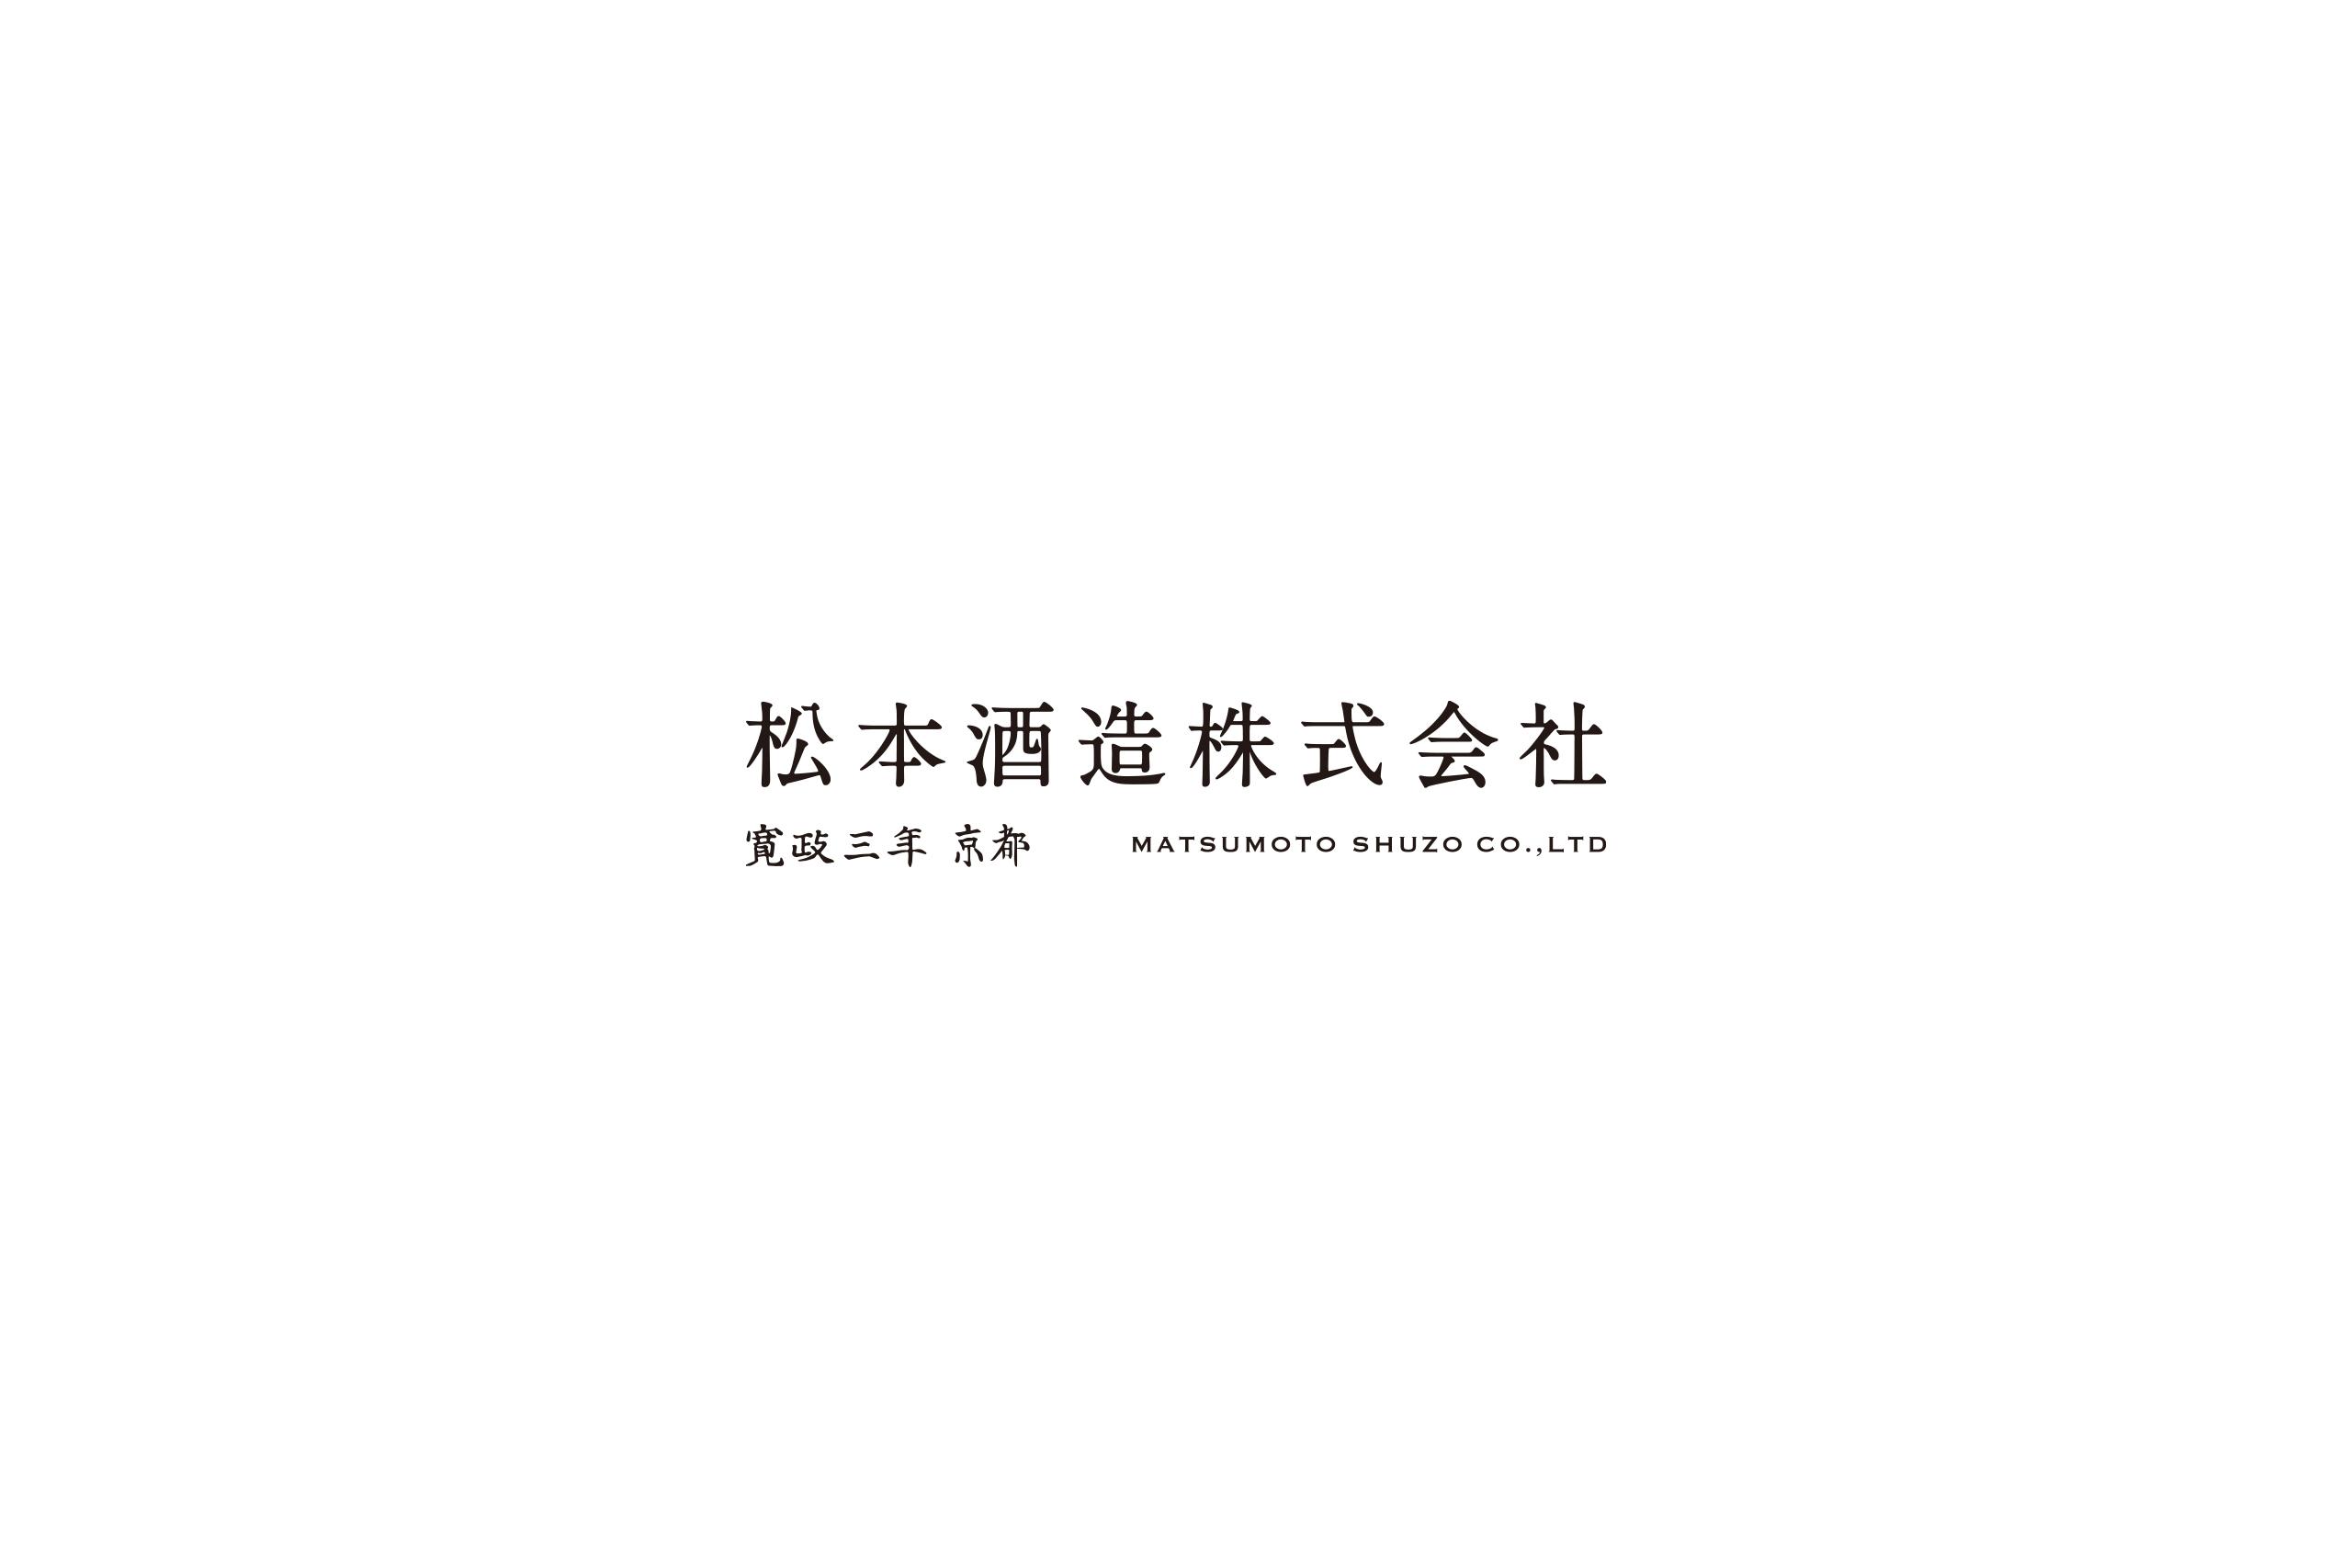 matusmotoshuzo_logo02